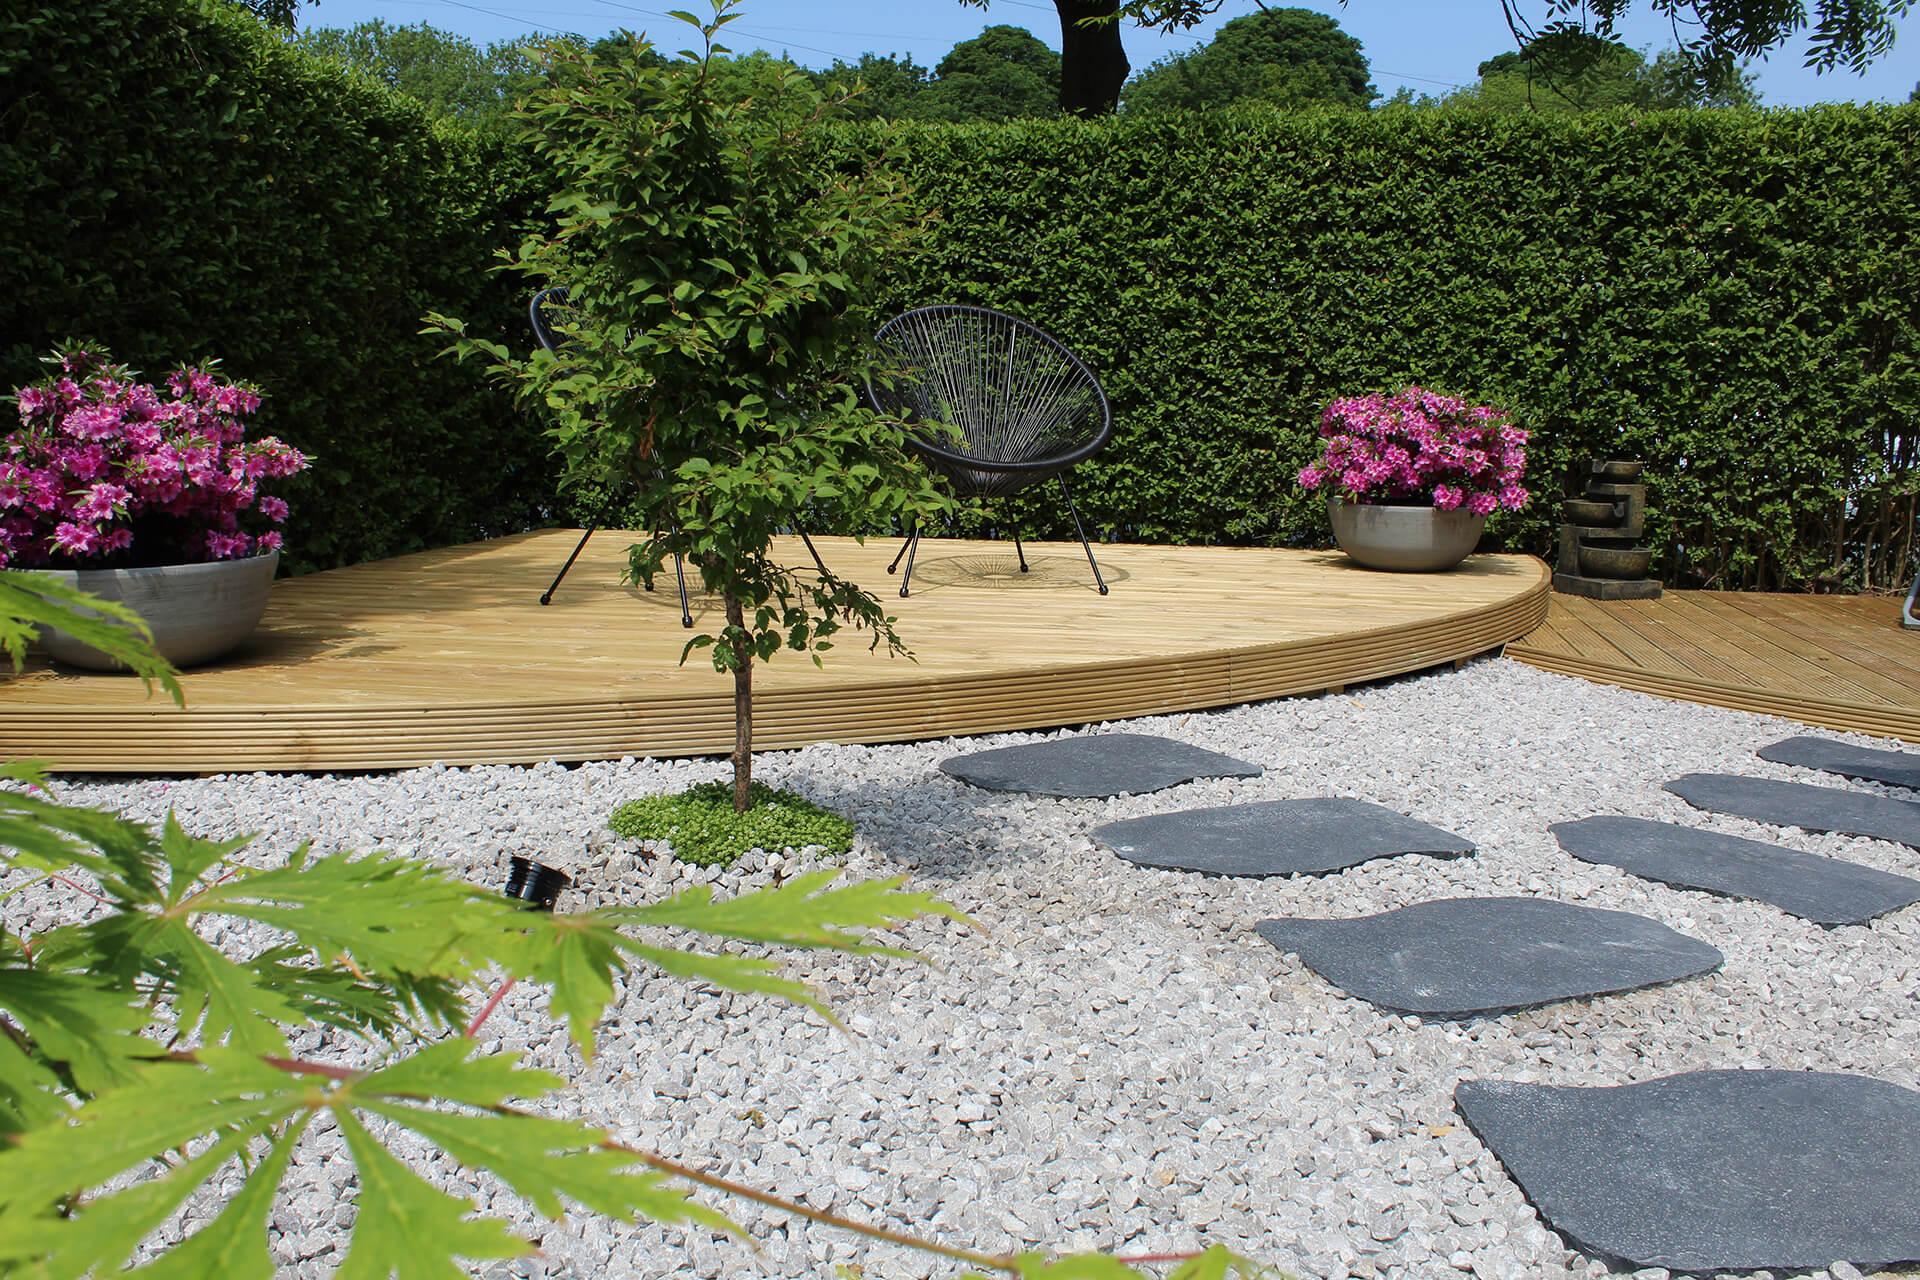 https://harrogategardendesign.co.uk/wp-content/uploads/2020/04/Front-Garden-Image-1.jpg